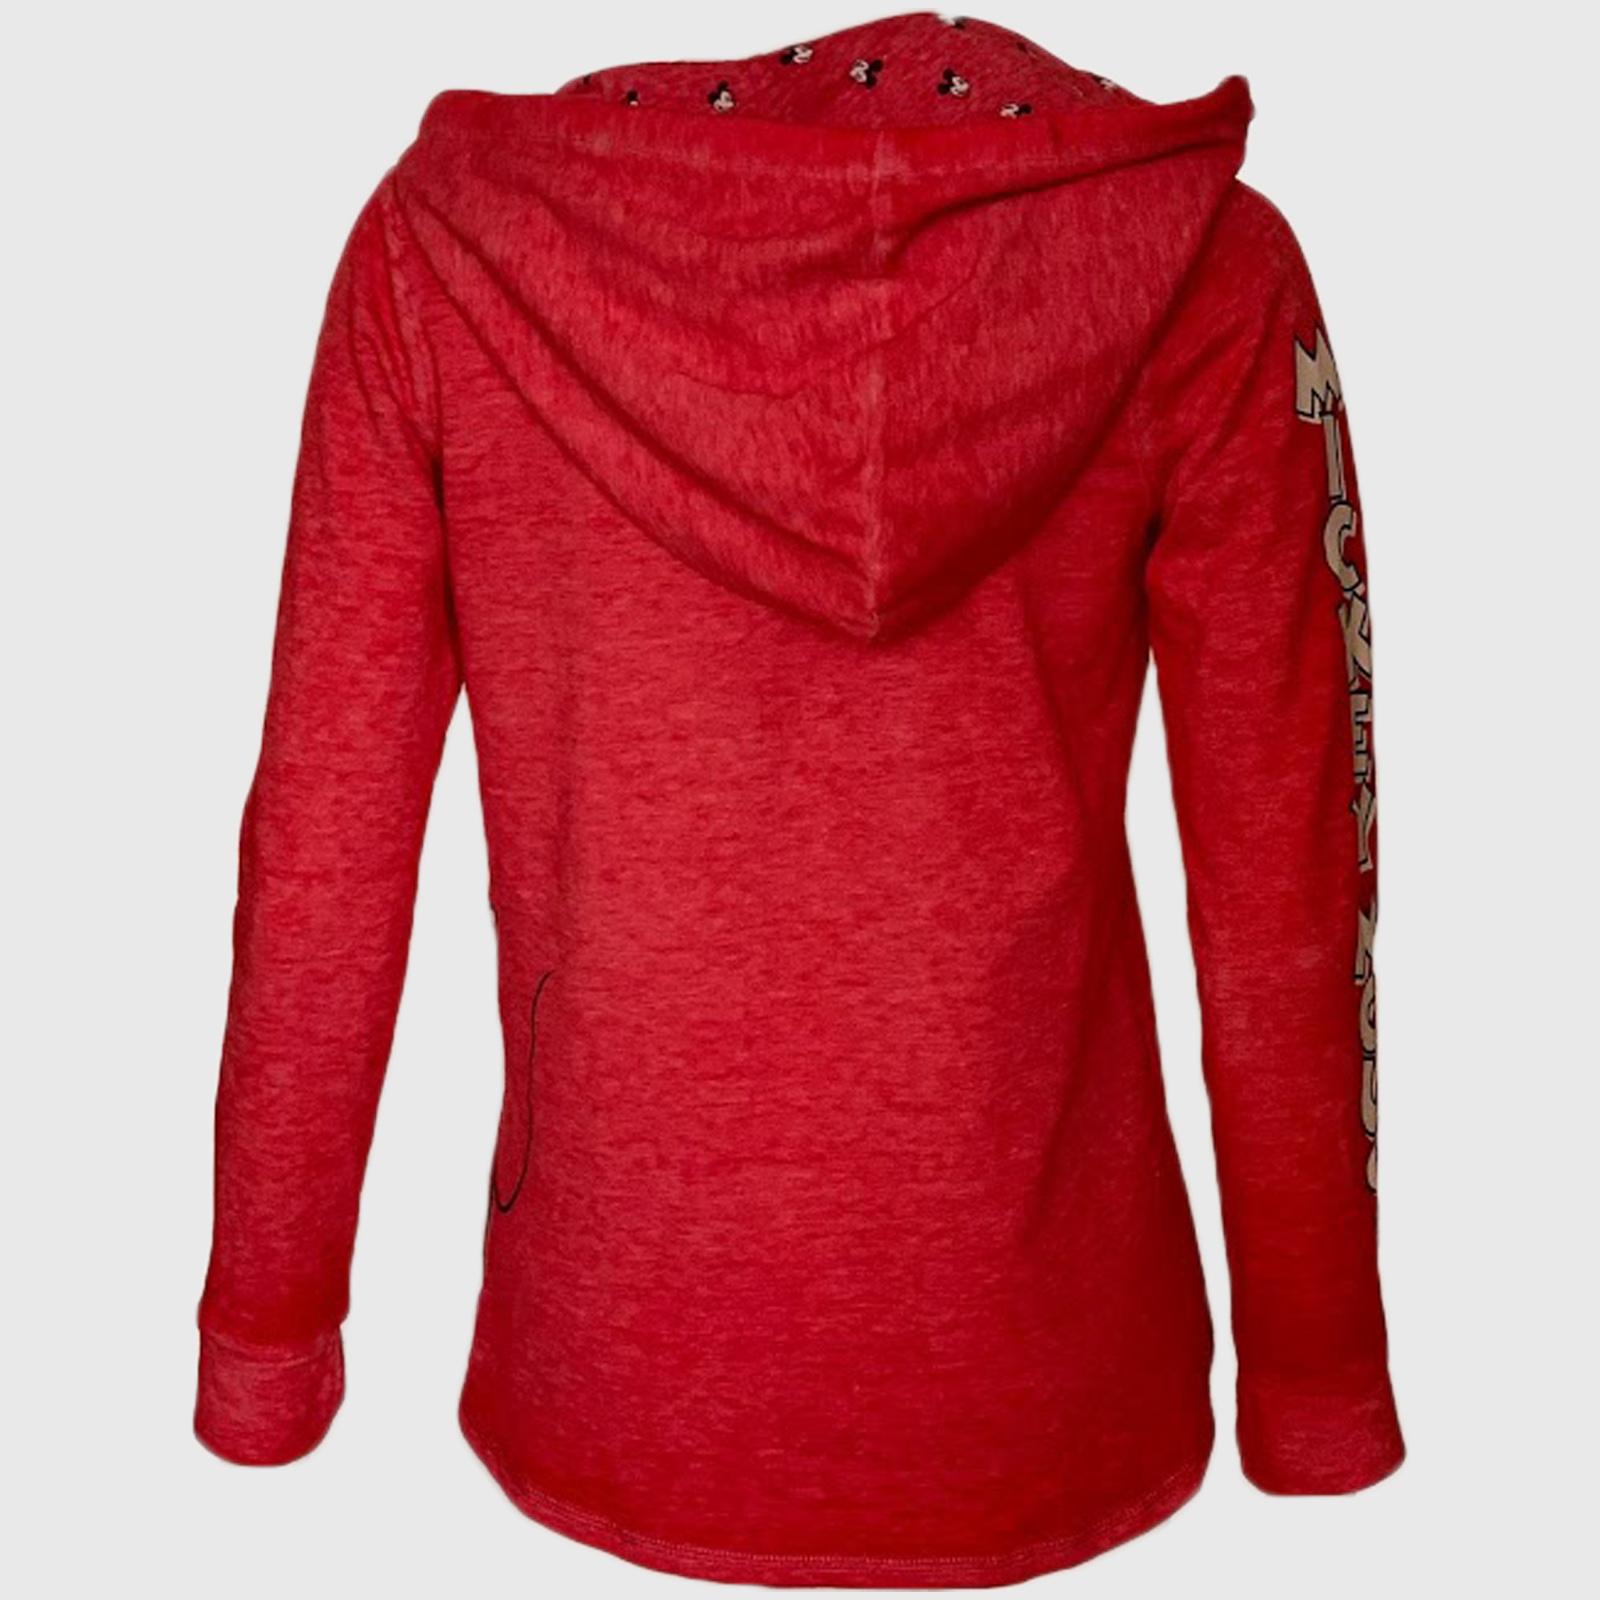 Купить в интернет магазине молодежную женскую кофту красного цвета